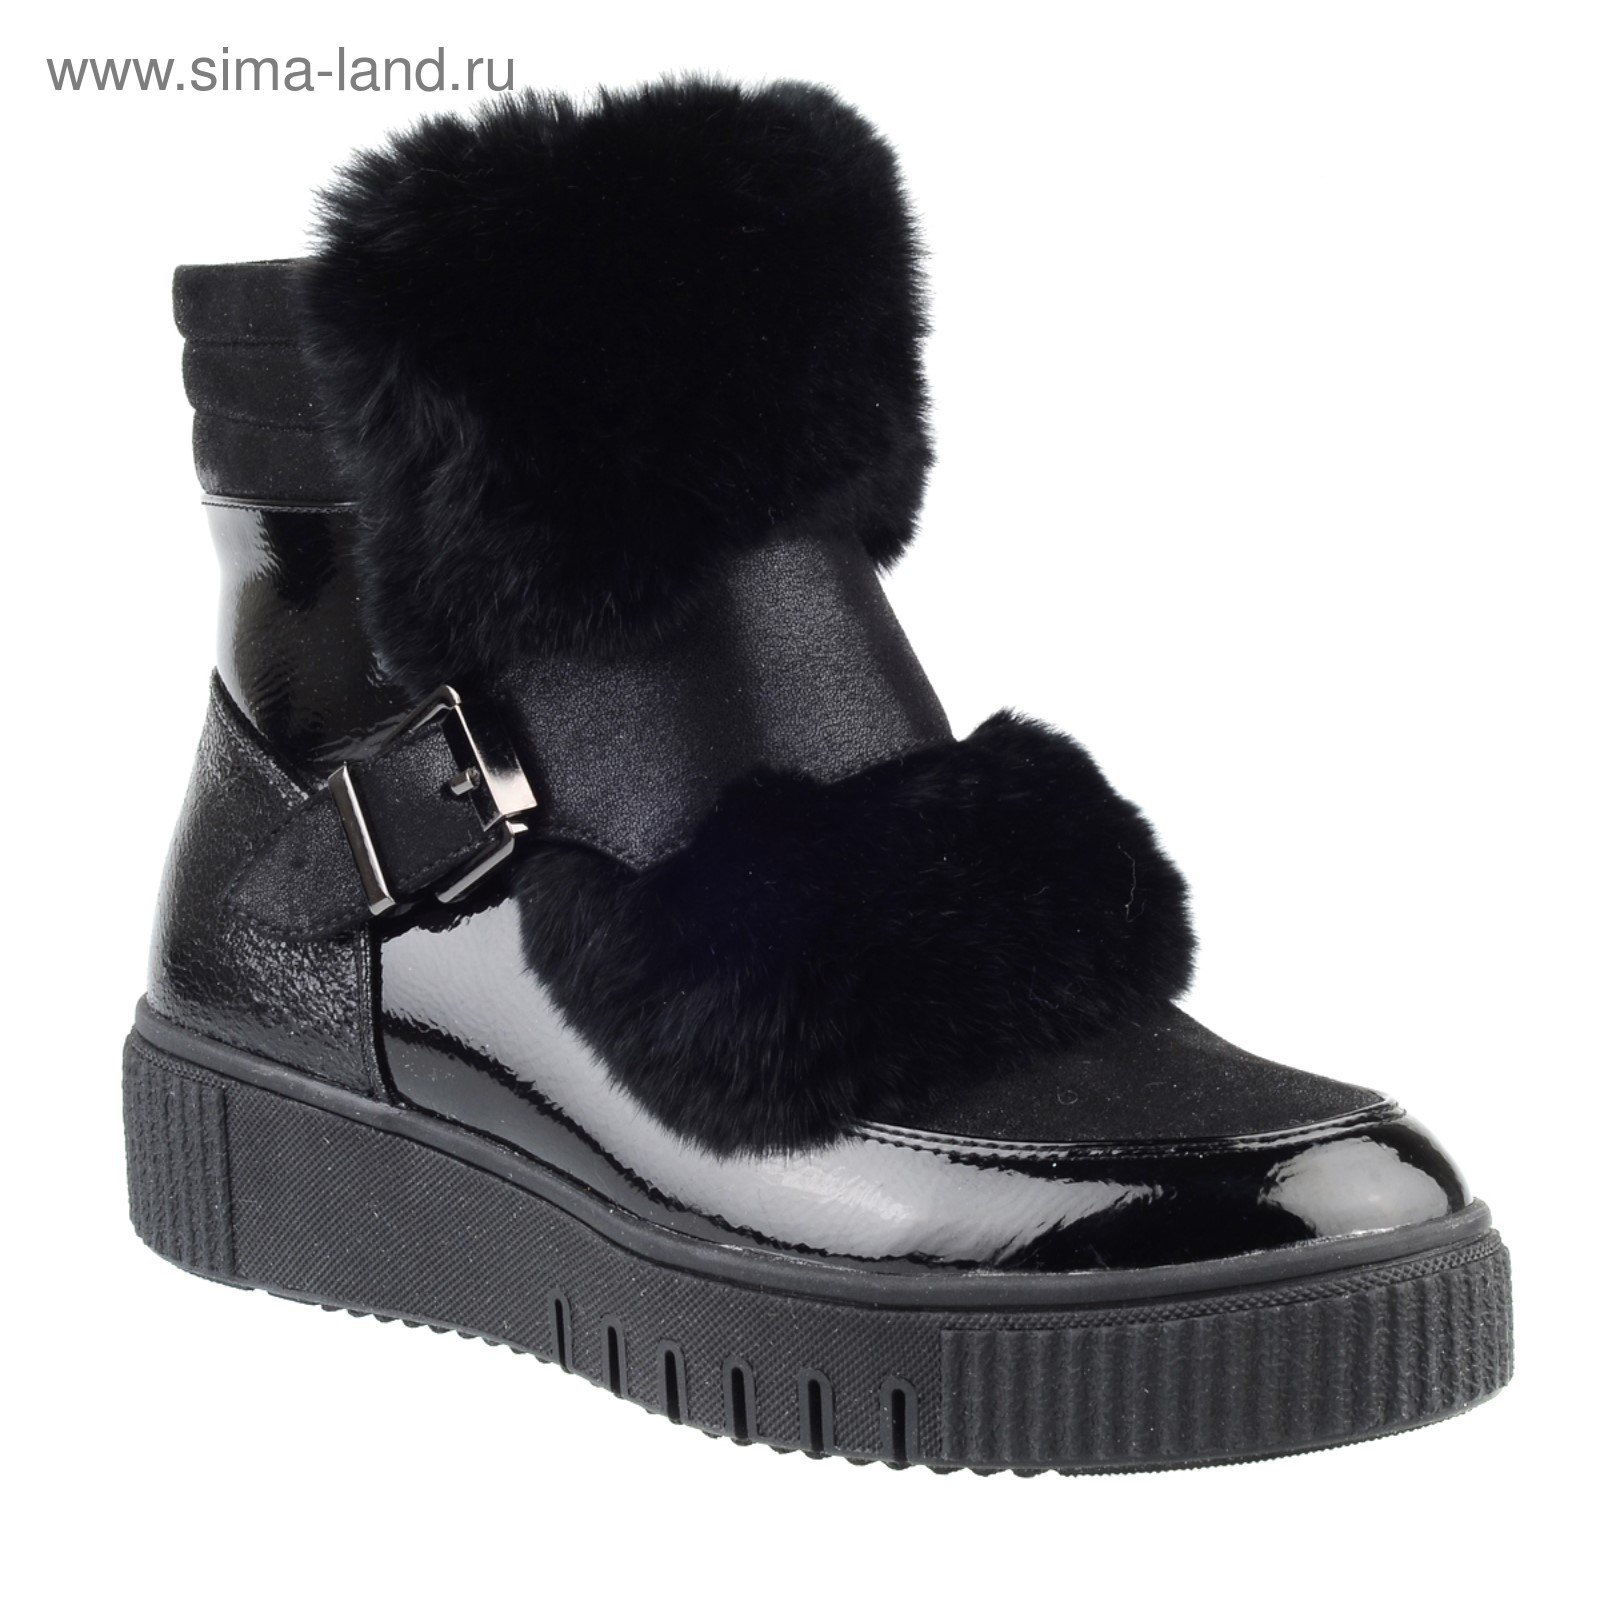 Ботинки зимние для девочки 676736b0da8a5